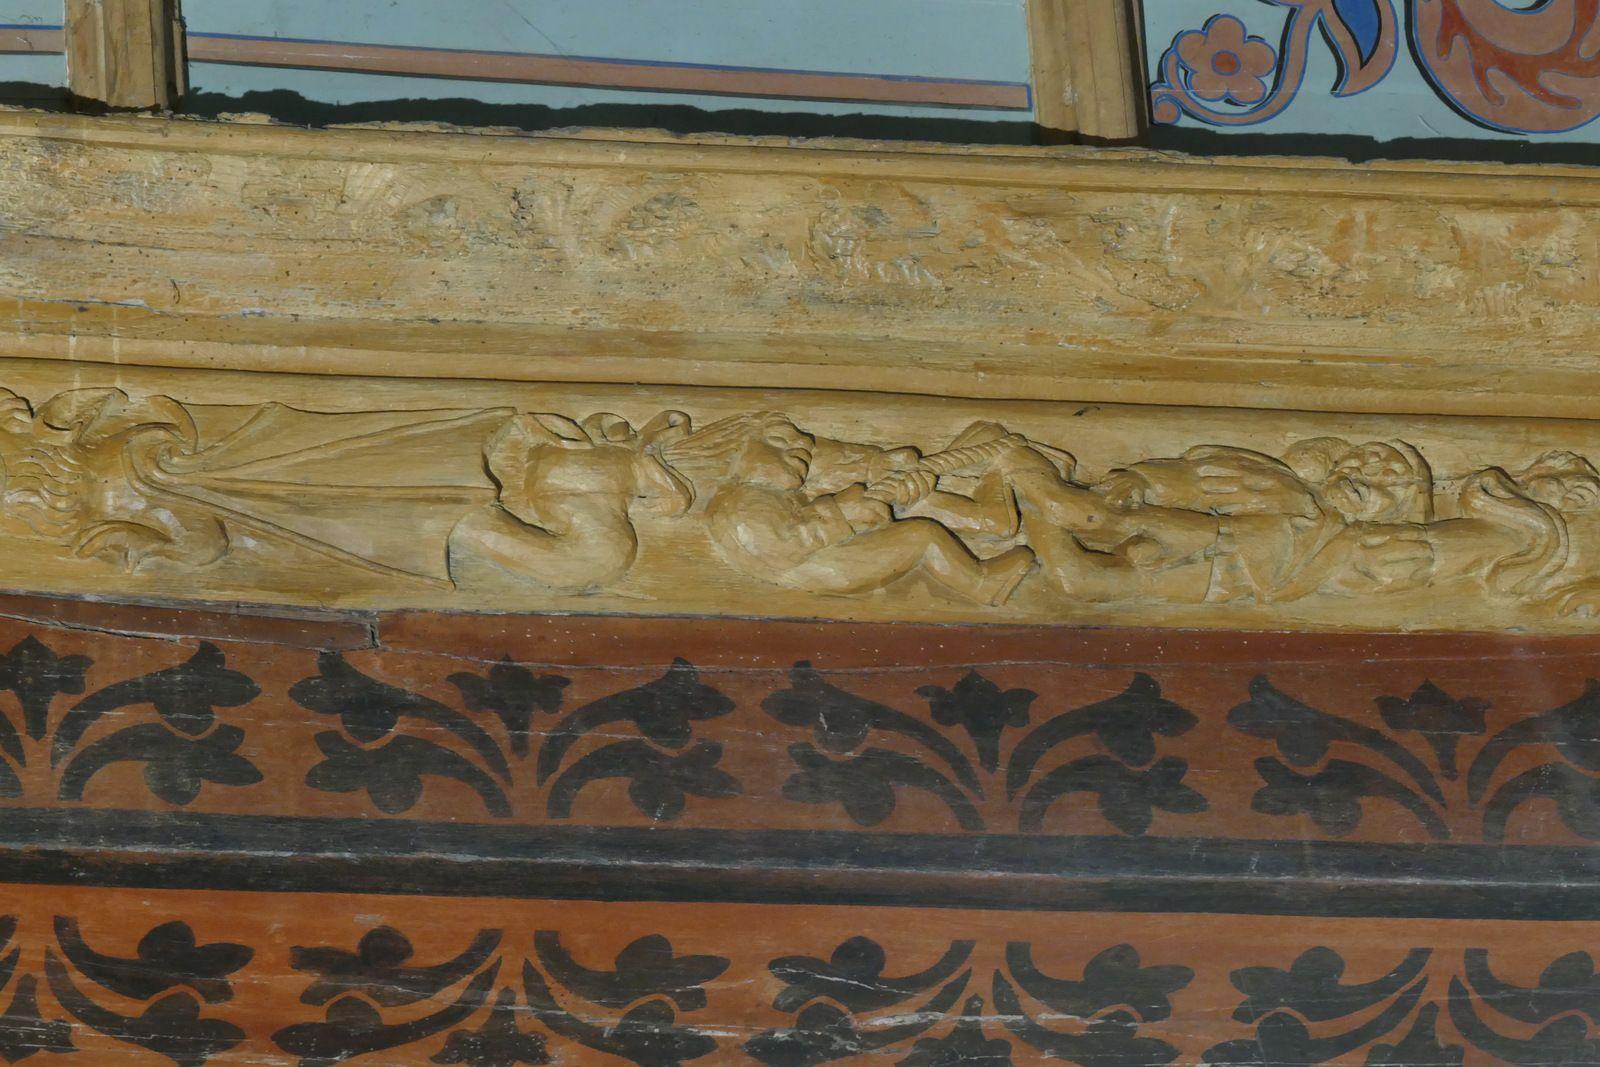 Sablières (milieu XVIe) de l'église de Pont-Croix. Photographie lavieb-aile.